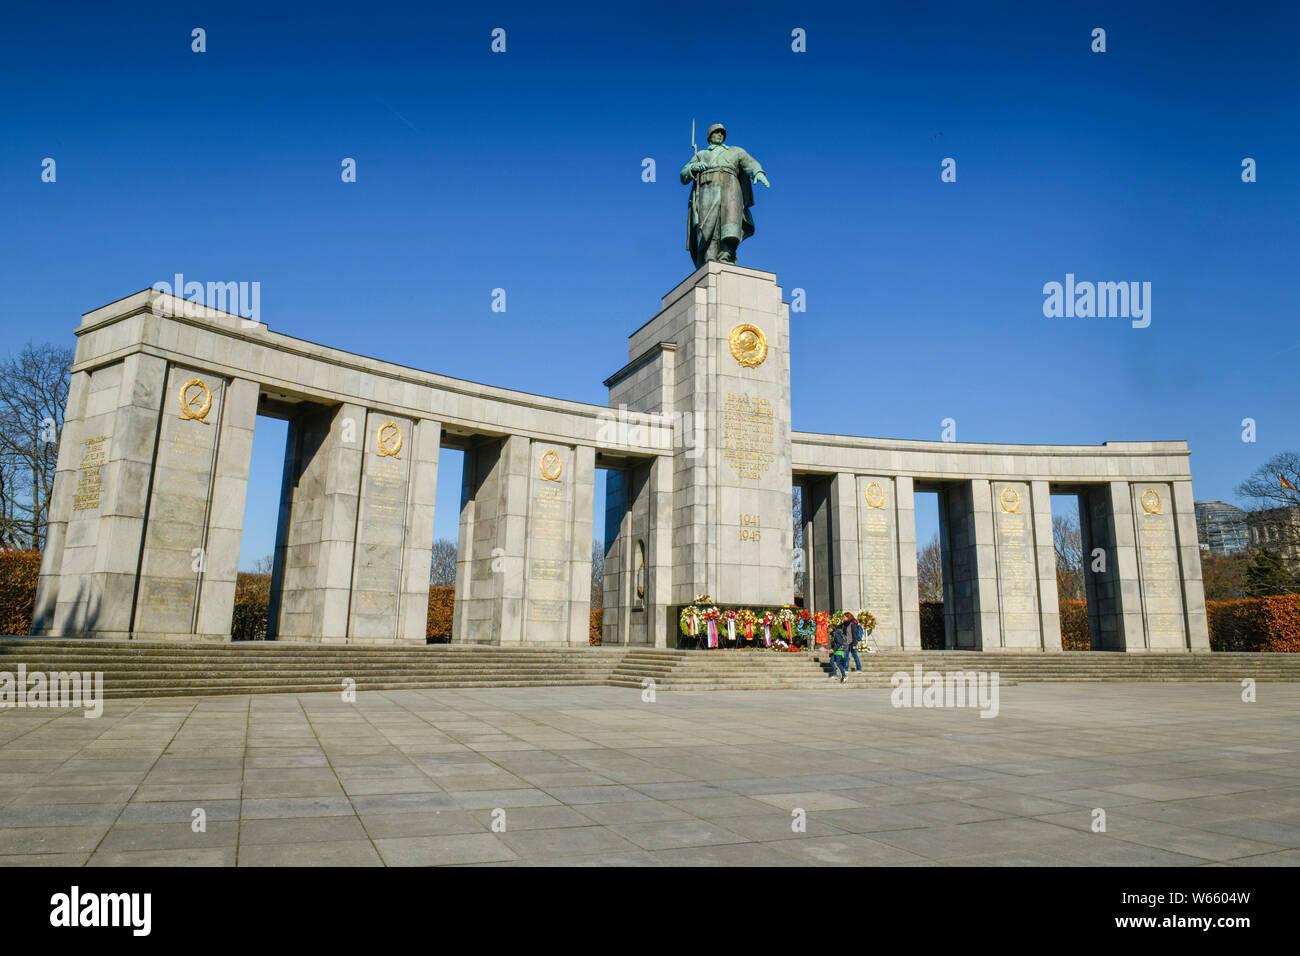 Sowjetisches Ehrenmal, Strasse des 17. Juni, Tiergarten, Berlin, Deutschland Banque D'Images